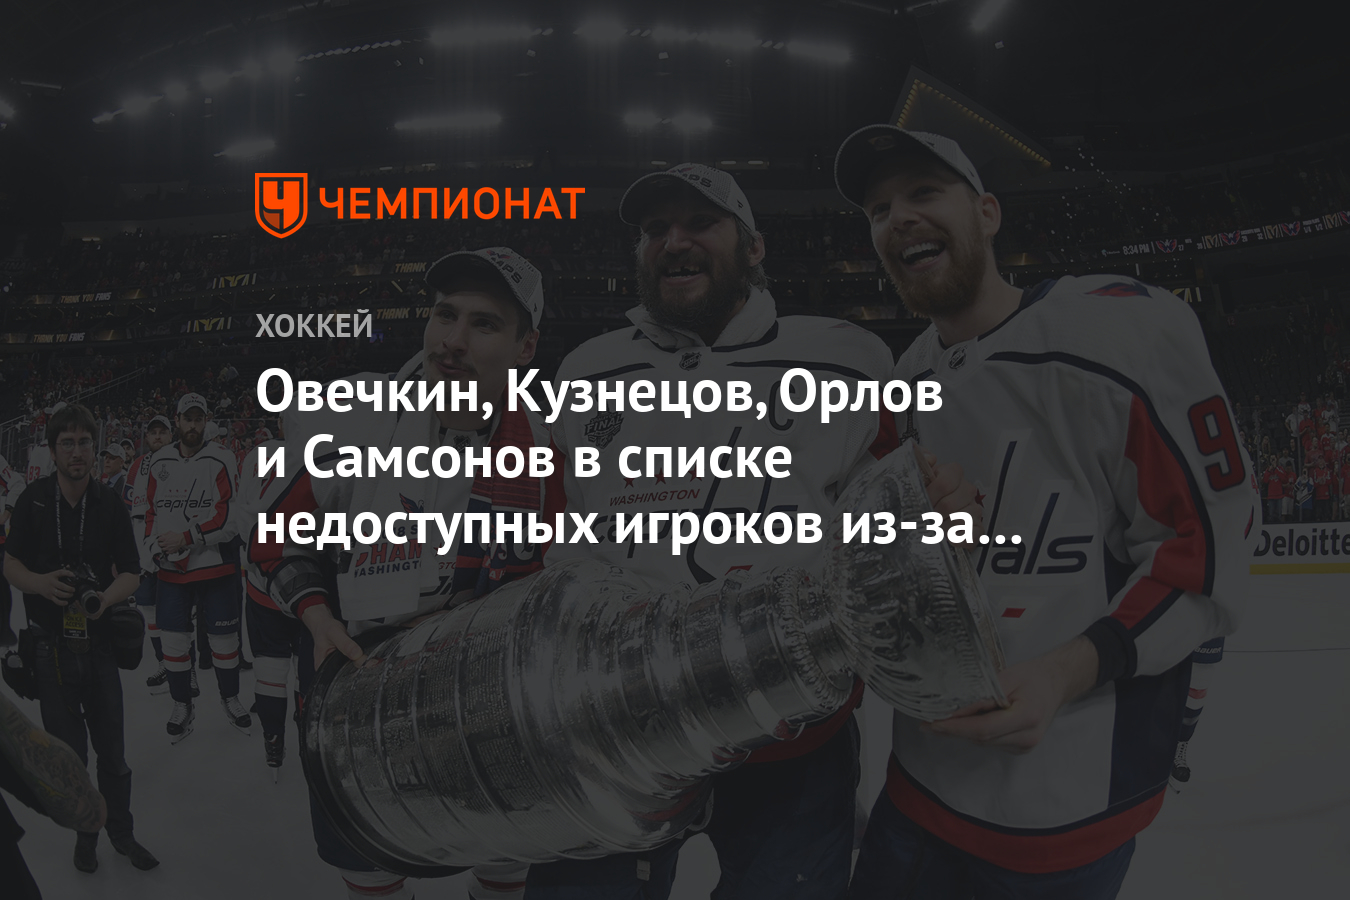 Овечкин, Кузнецов, Орлов и Самсонов в списке недоступных игроков из-за протокола COVID-19 - Чемпионат